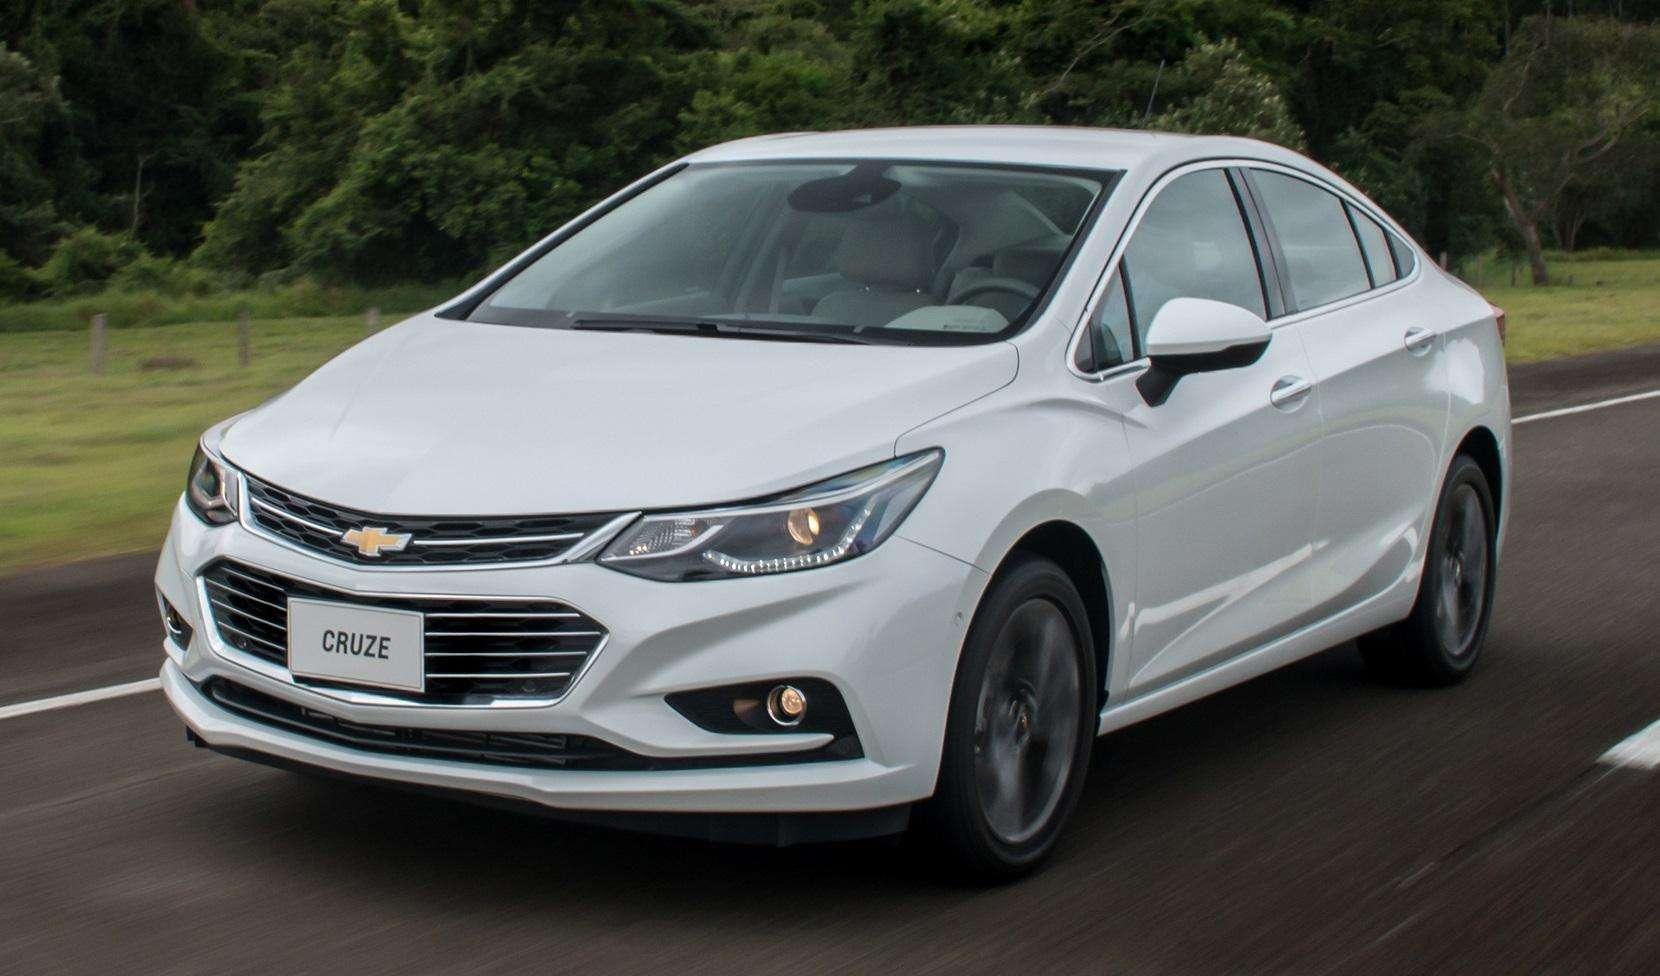 Confira vídeos com inovações tecnológicas do novo Chevrolet Cruze